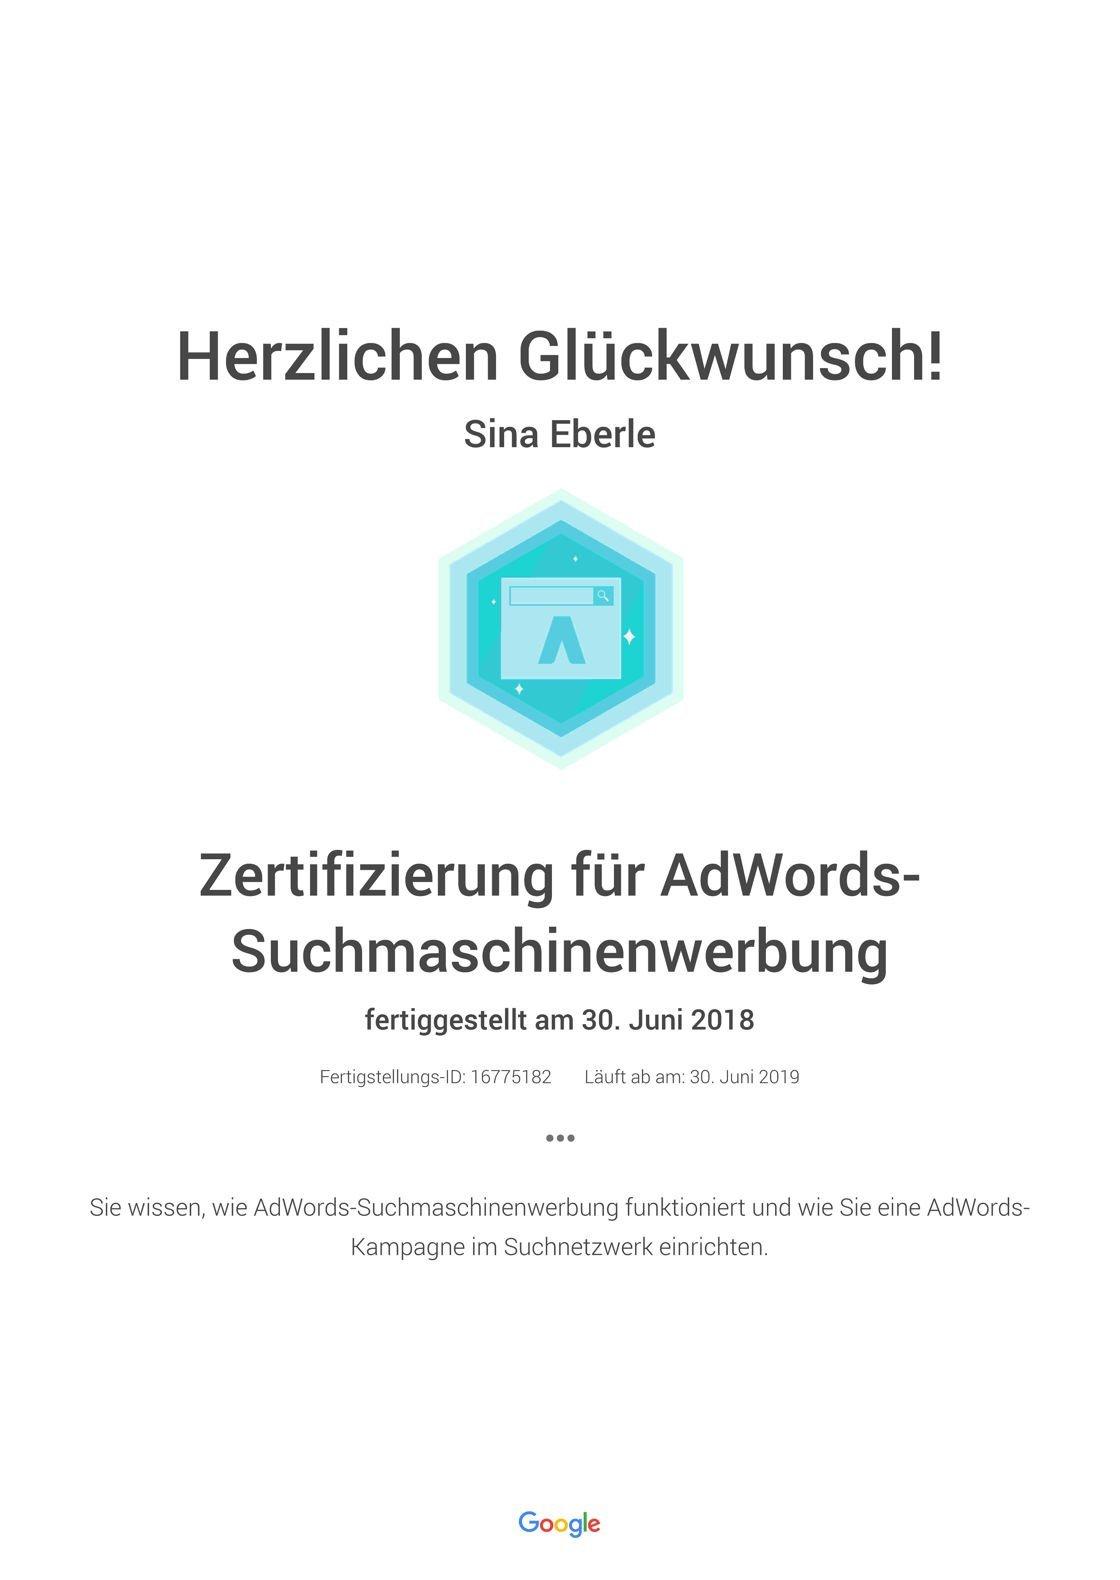 Google Zertifizierung für AdWords-Suchmaschinenwerbung